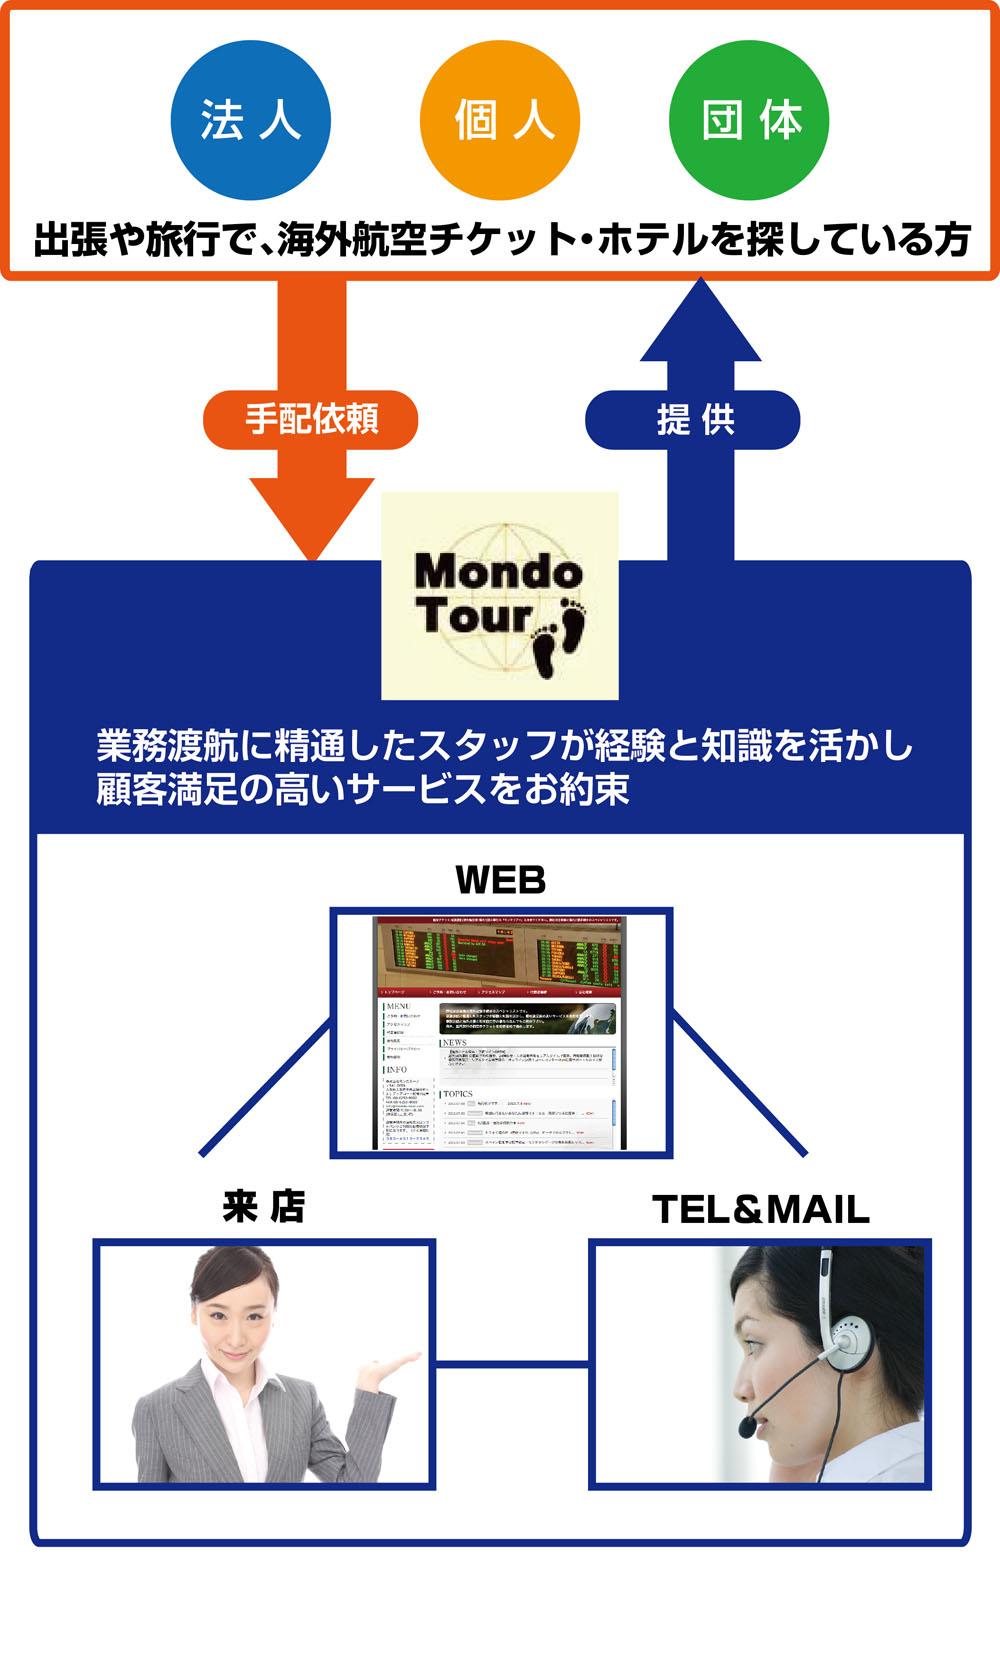 Mondo Tour(モンドツアー)